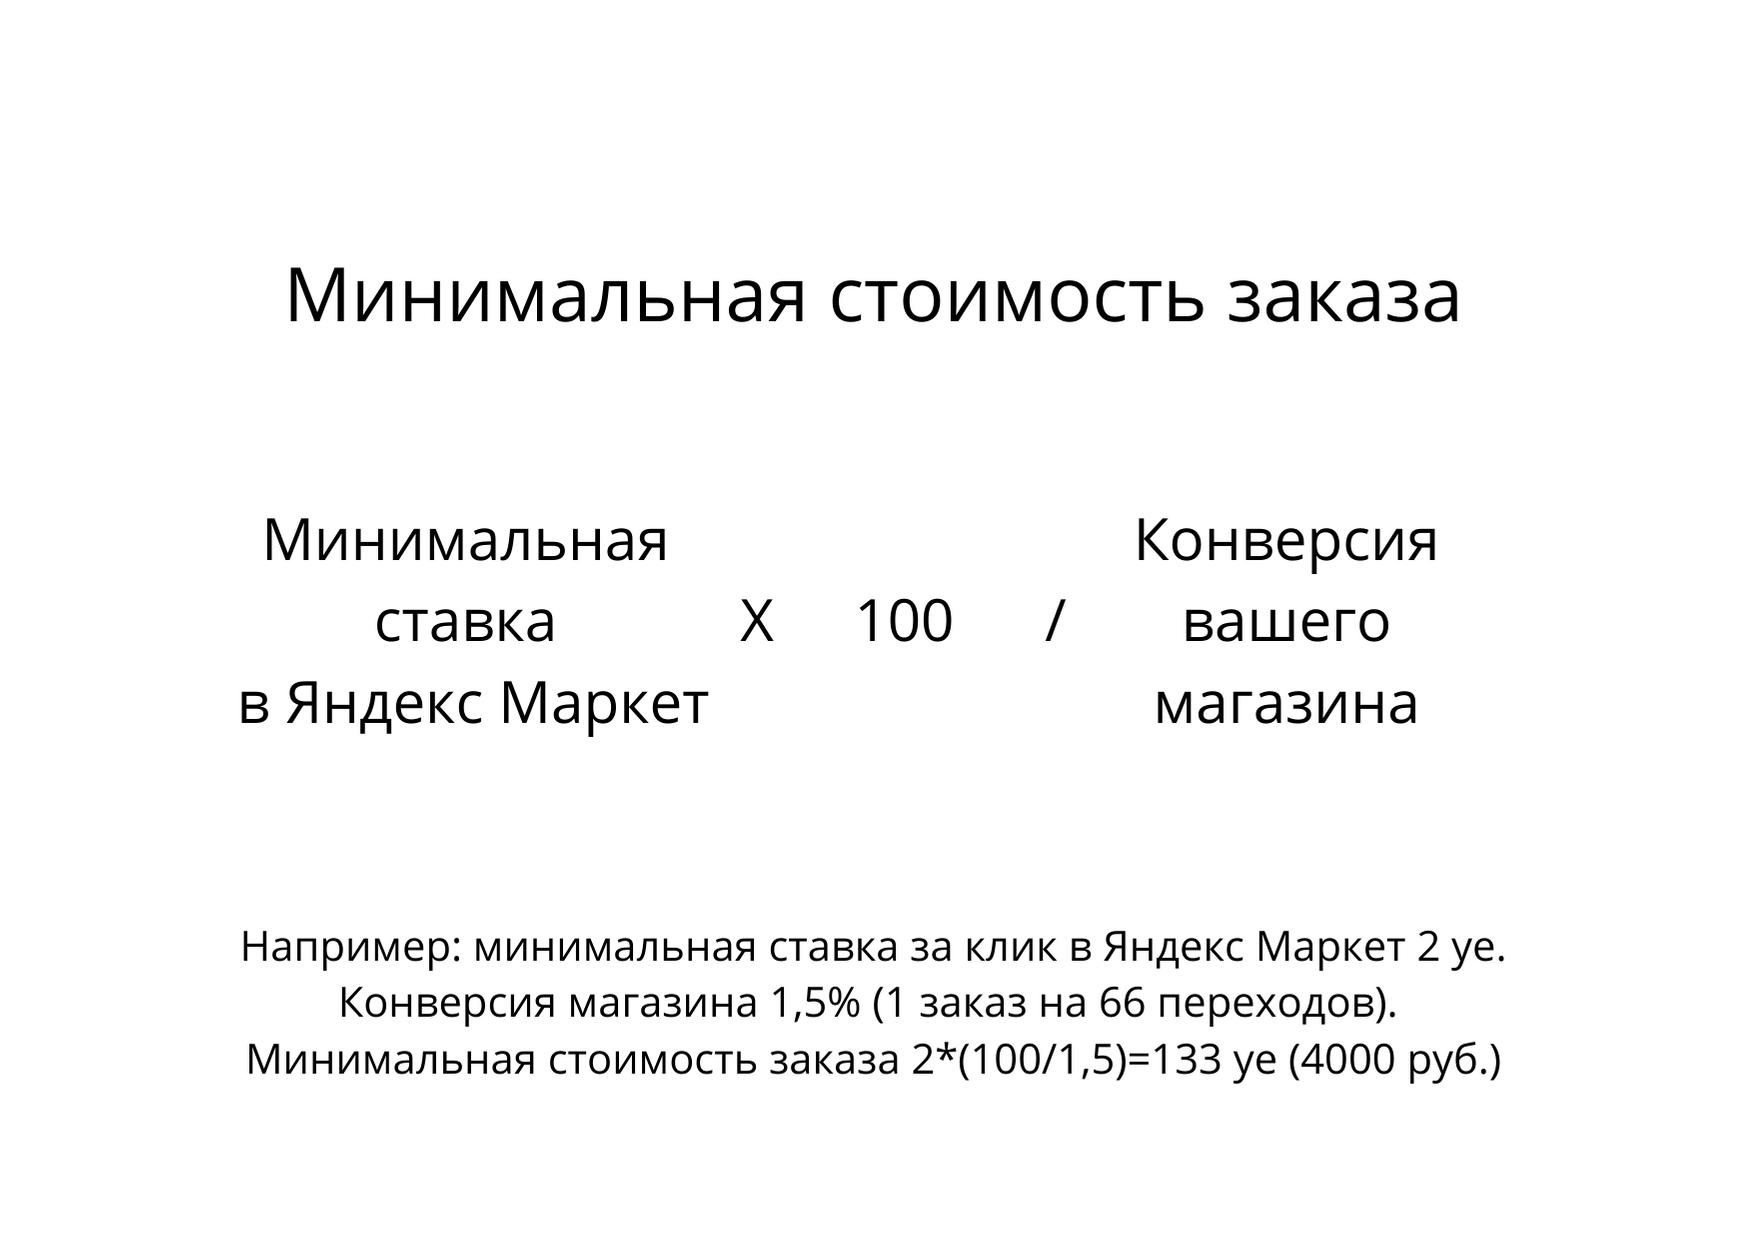 Минимальная стоимость заказа в Яндекс Маркет